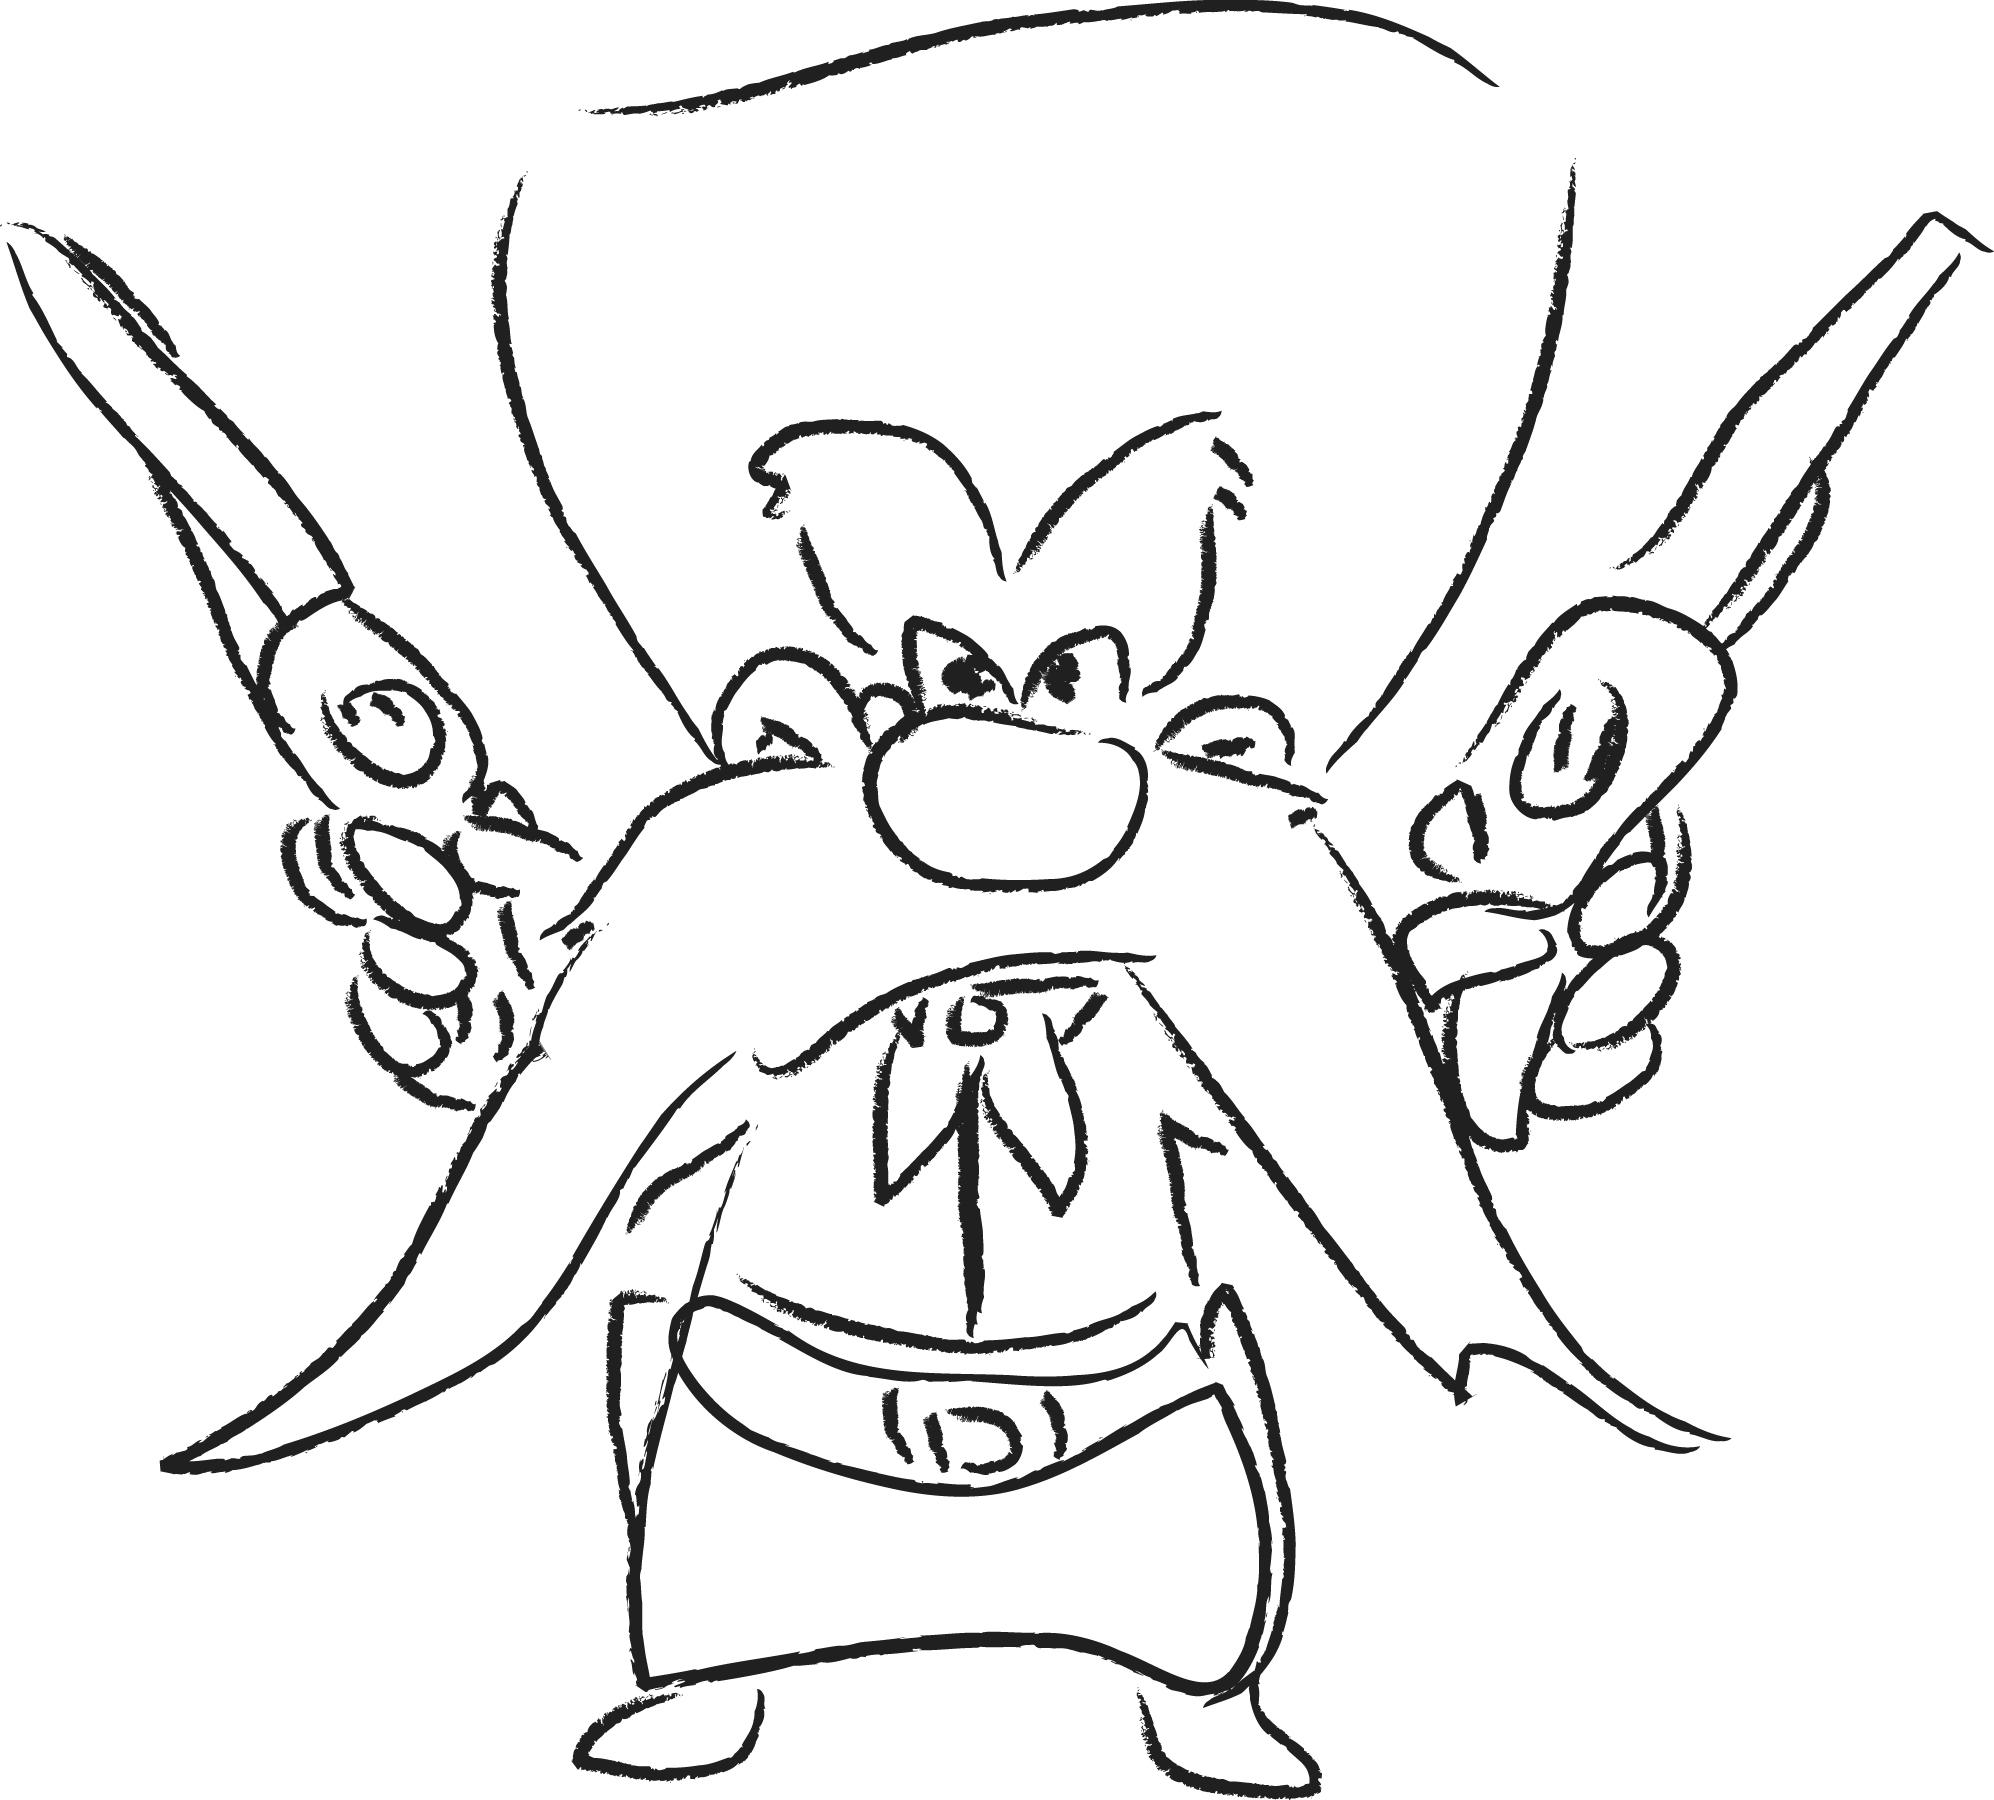 1994x1800 Drawing Cartoons Characters Cartoon Network Drawings Cartoon